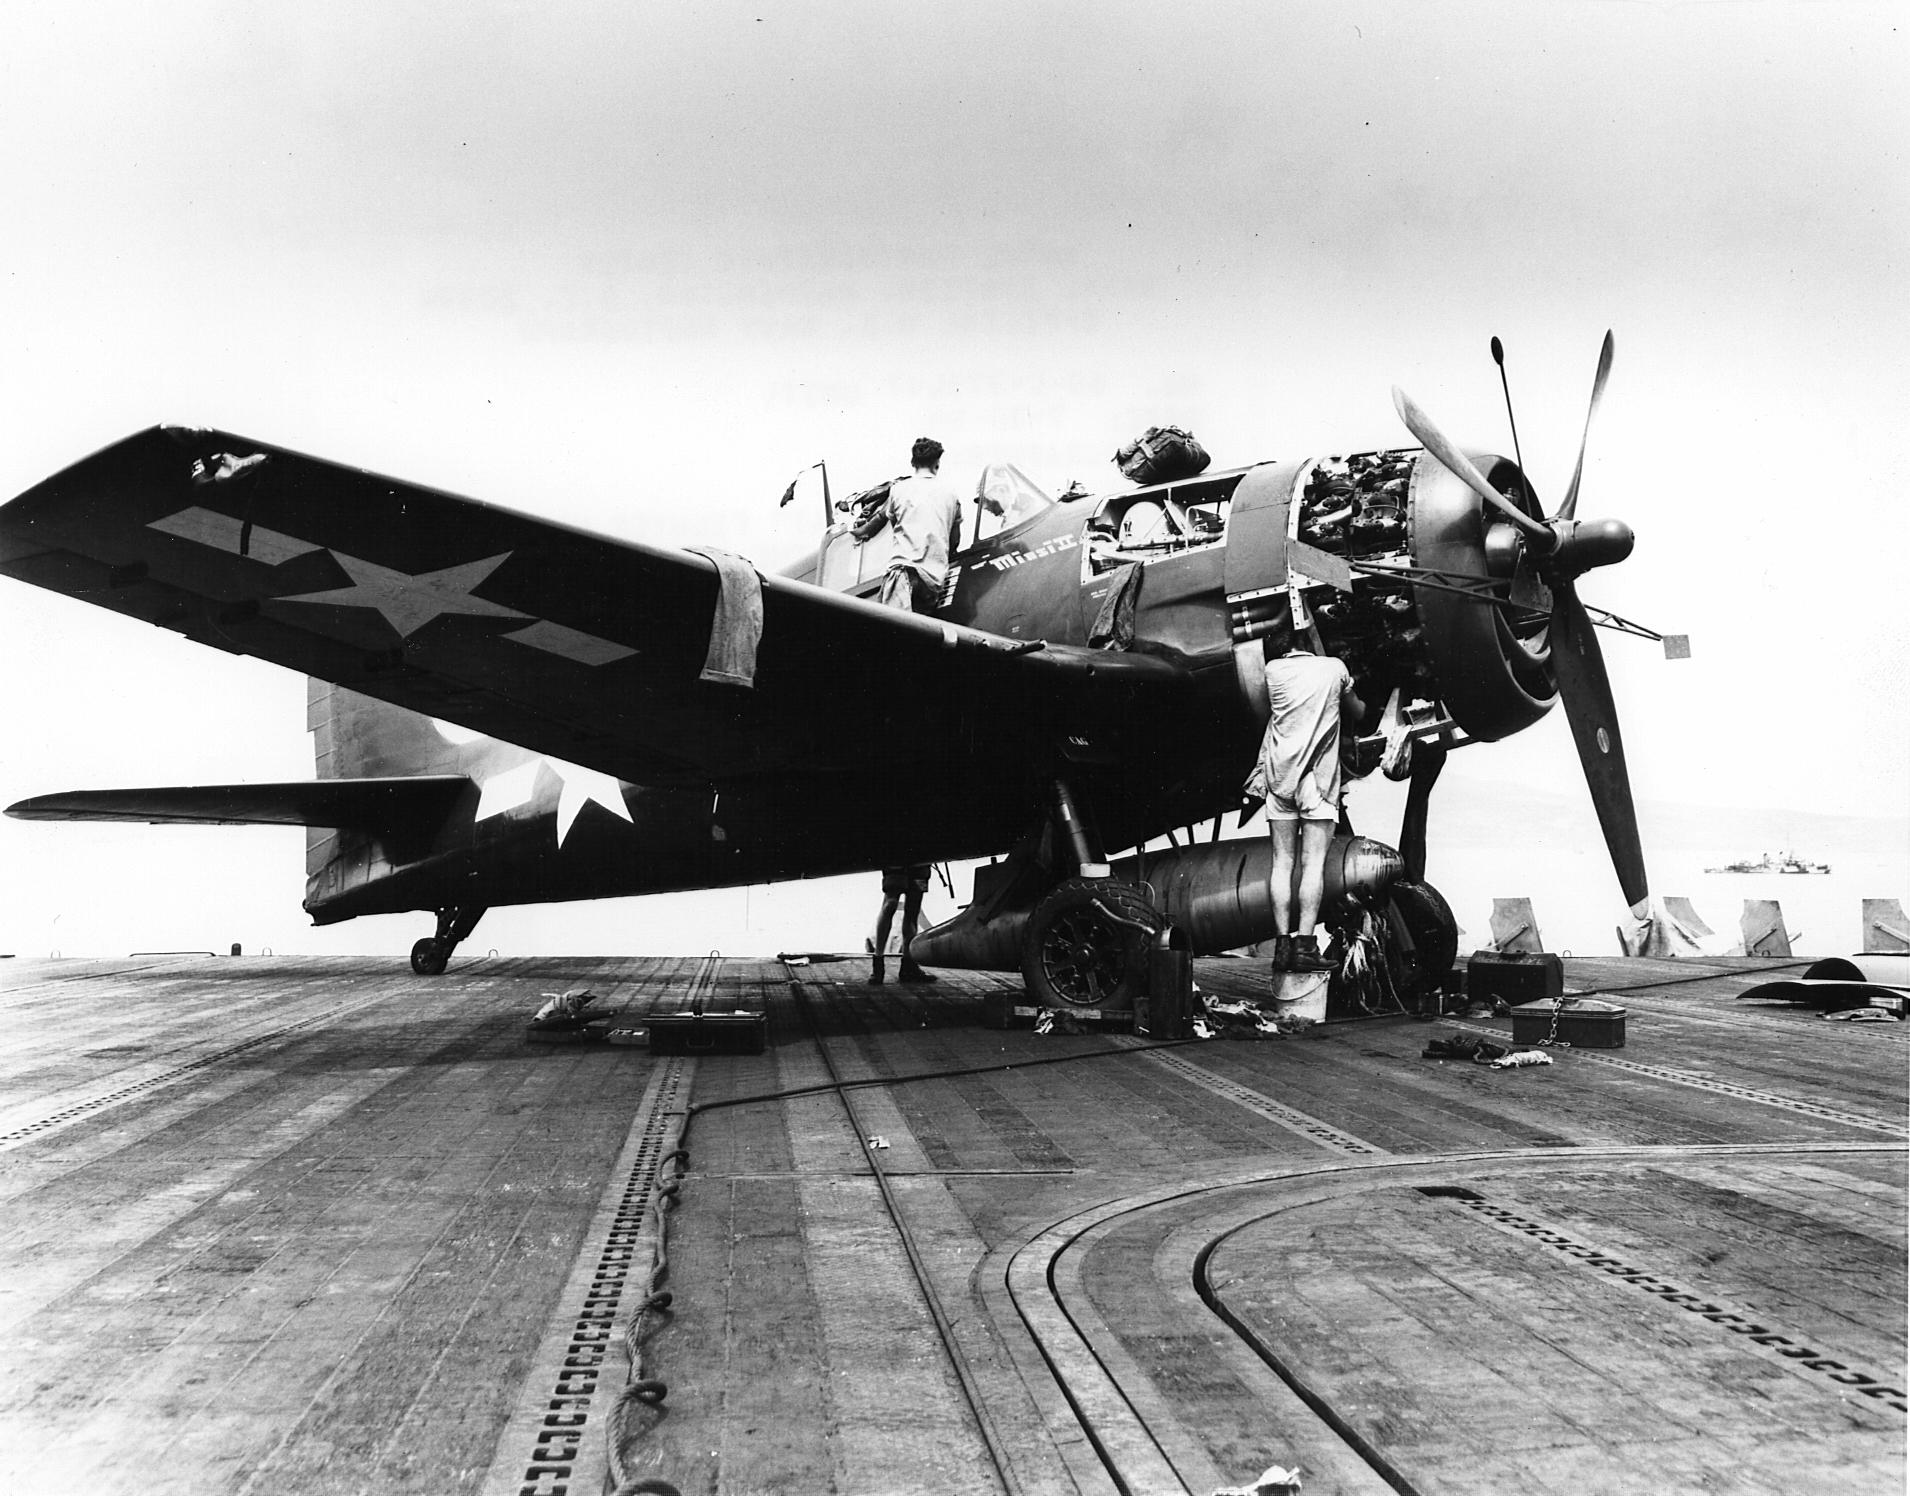 Grumman F6F 5 Hellcat Minsi II belonging to Cdr David McCampbell CV 9 USS Essex 1944 01